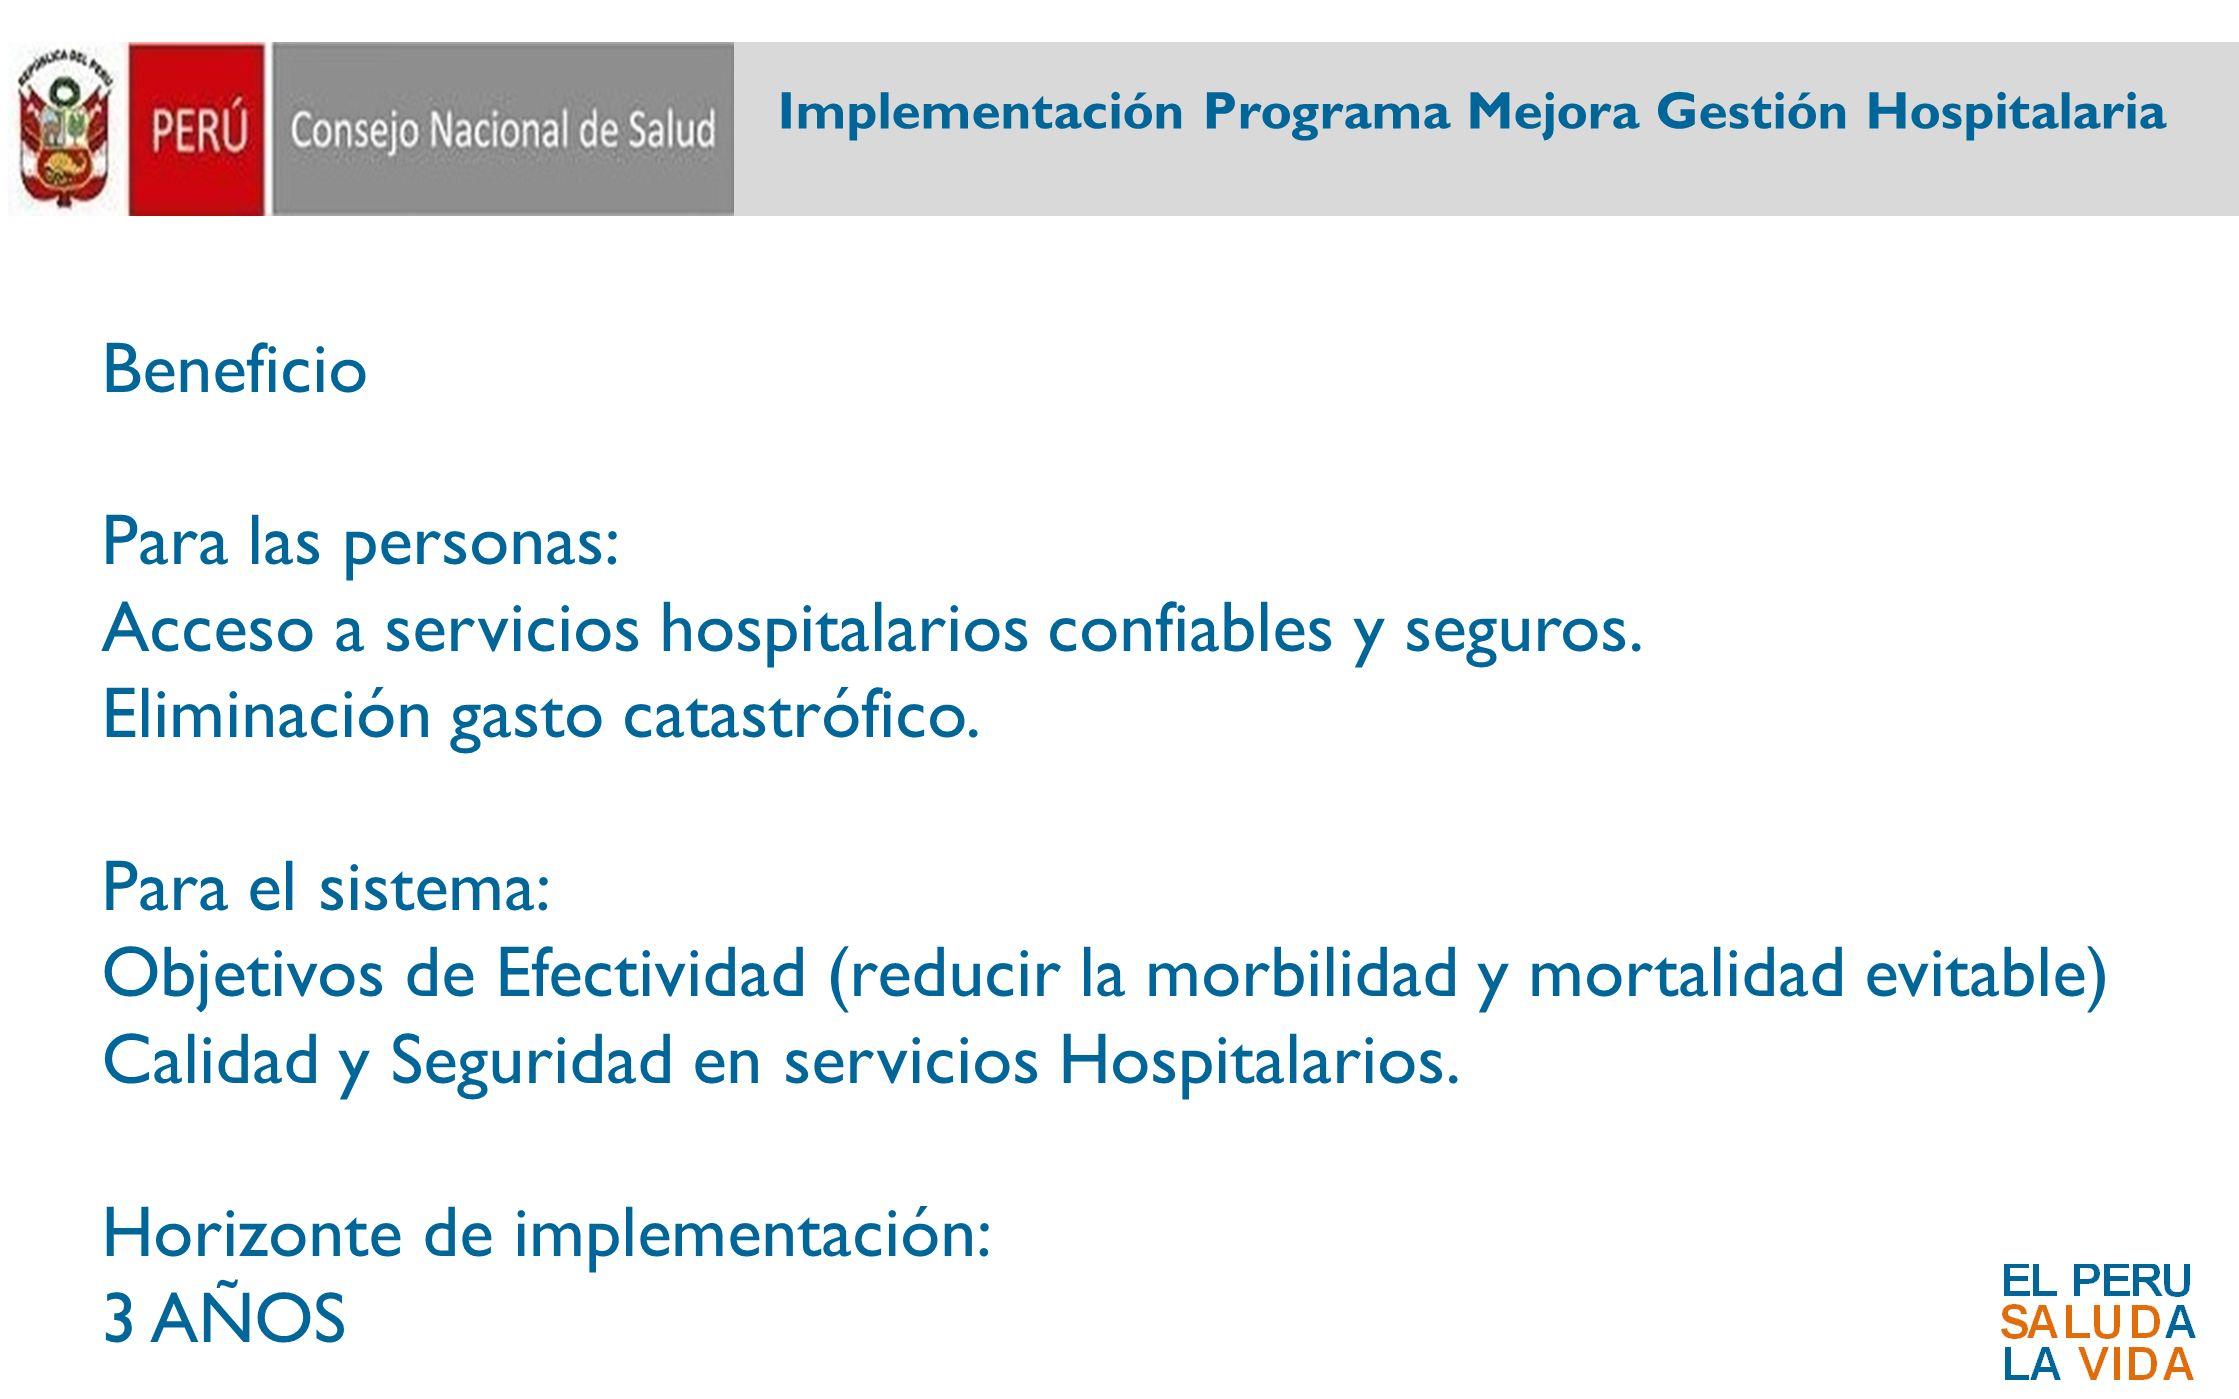 Acceso a servicios hospitalarios confiables y seguros.